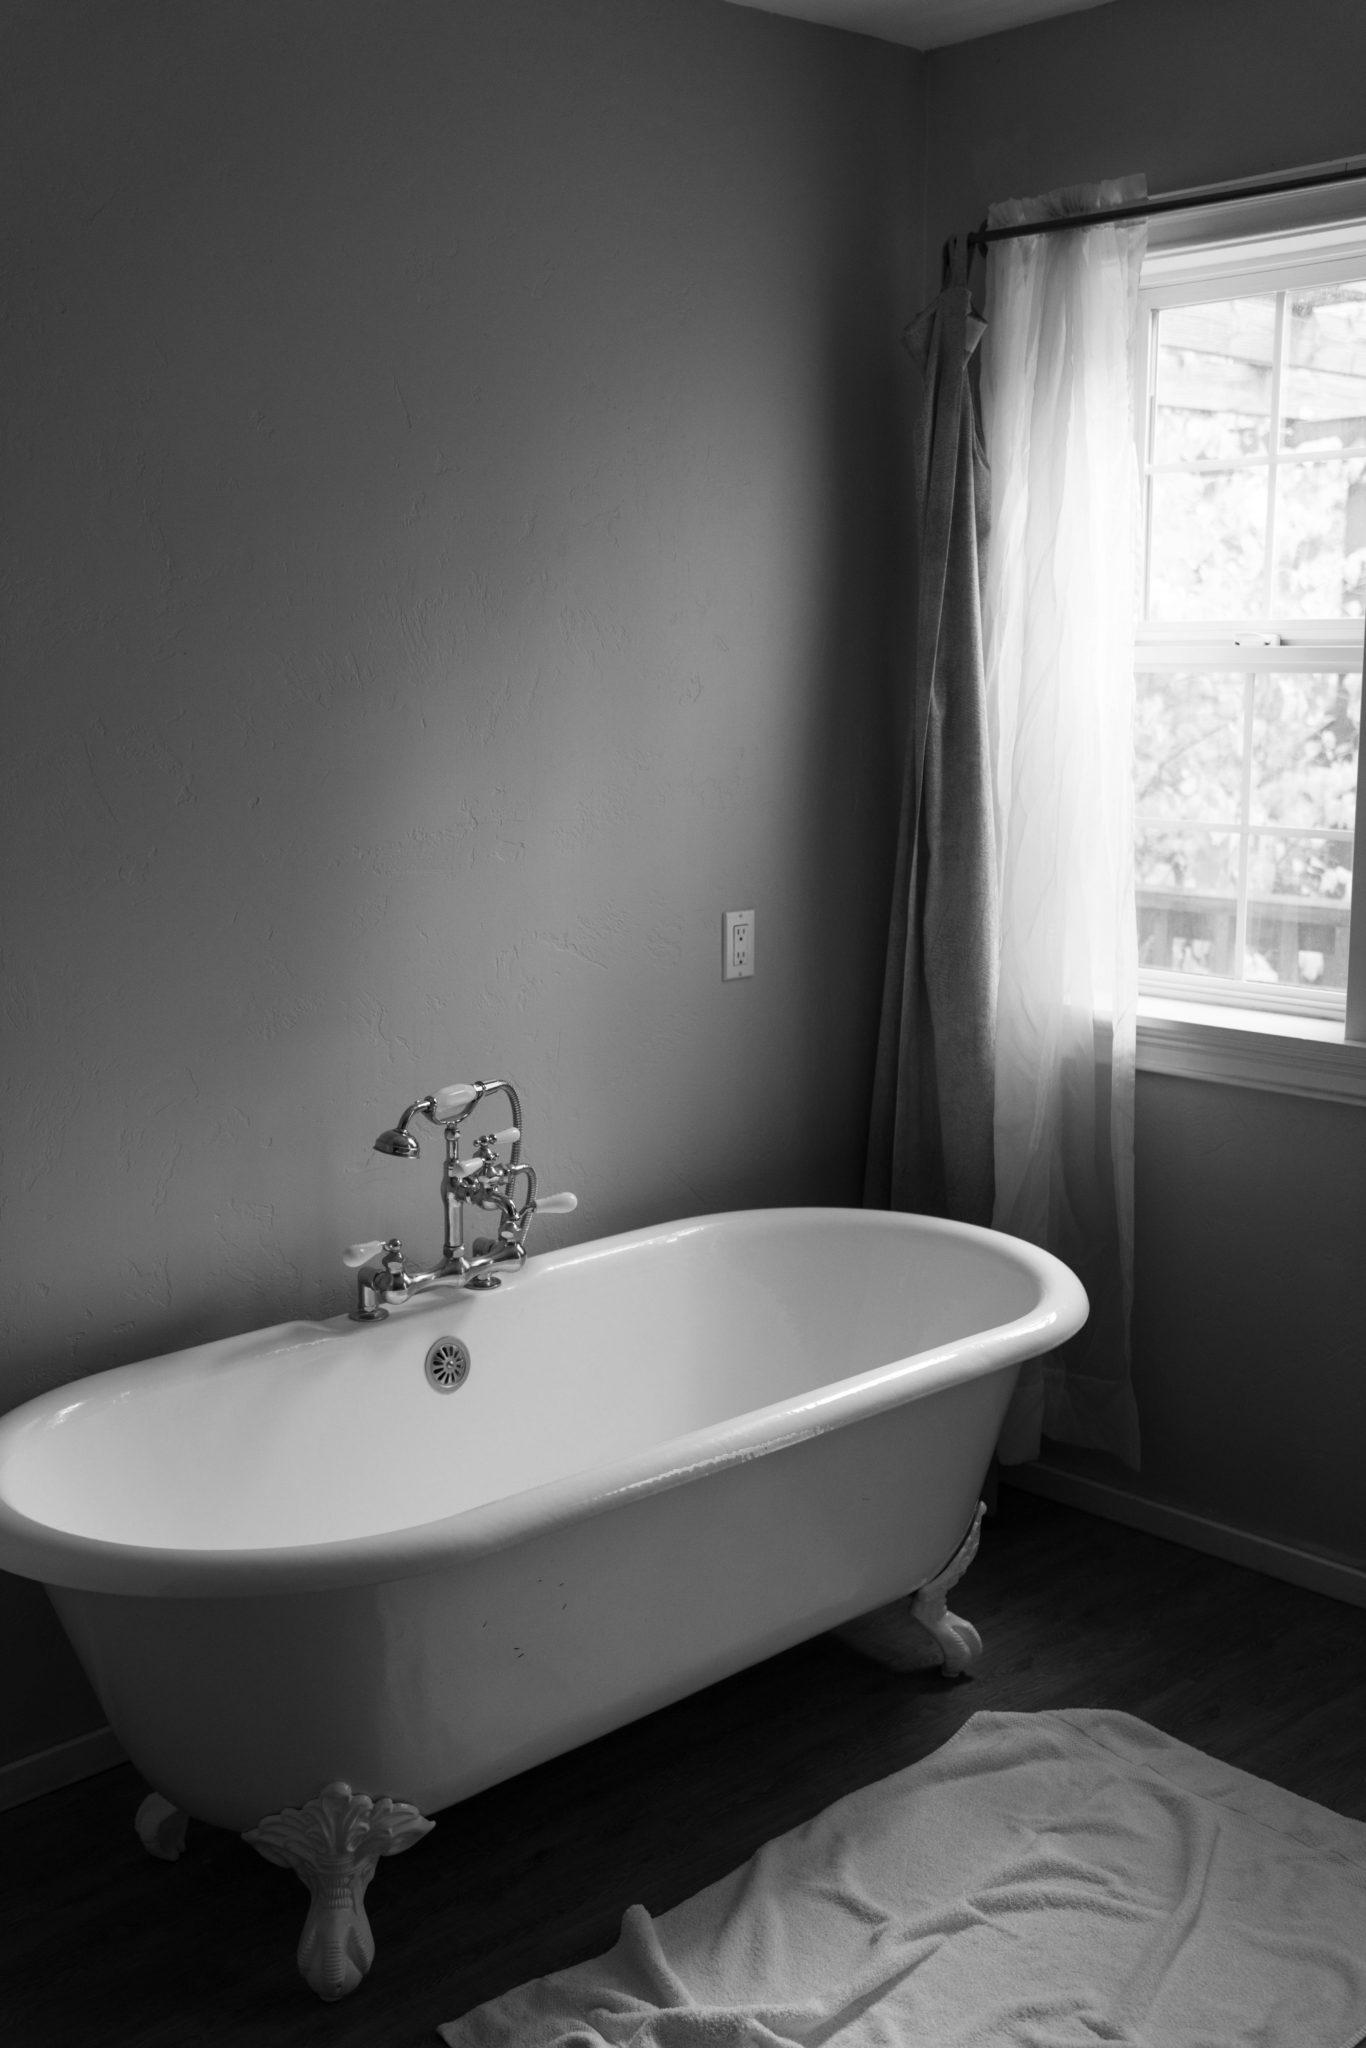 Biała wanna w ciemnoszarej łazience